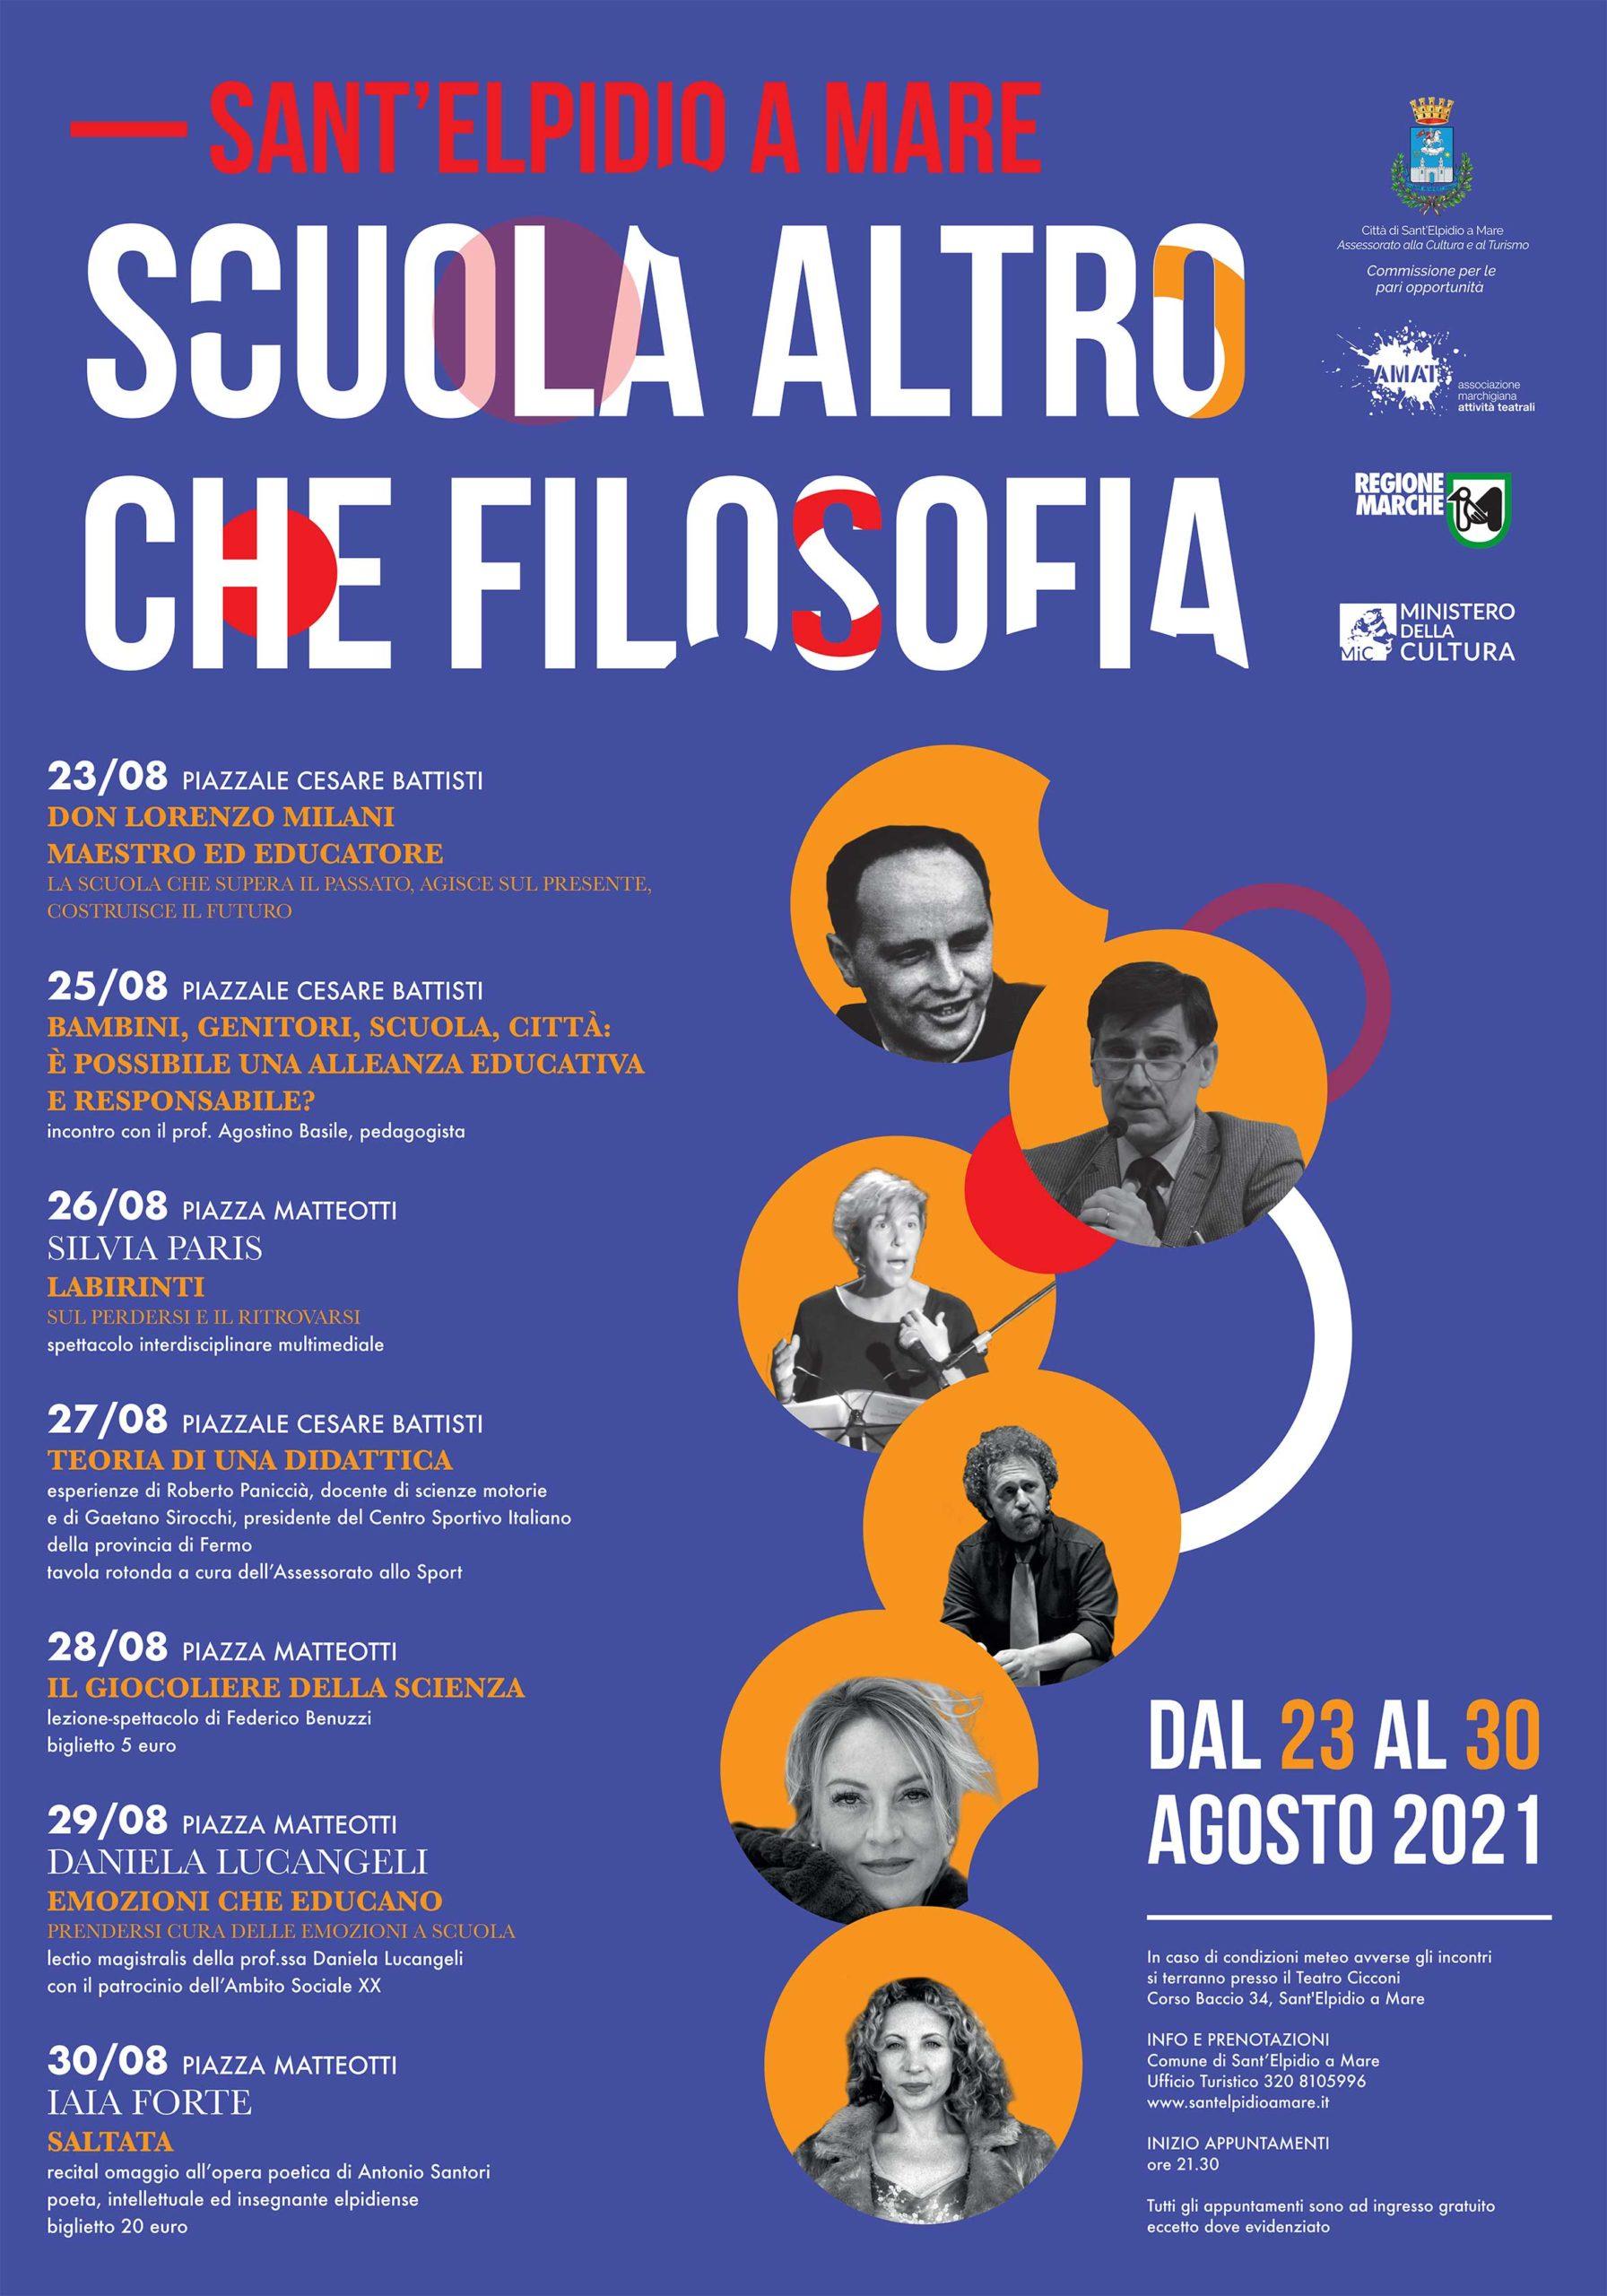 SCUOLA ALTRO CHE FILOSOFIA 2021